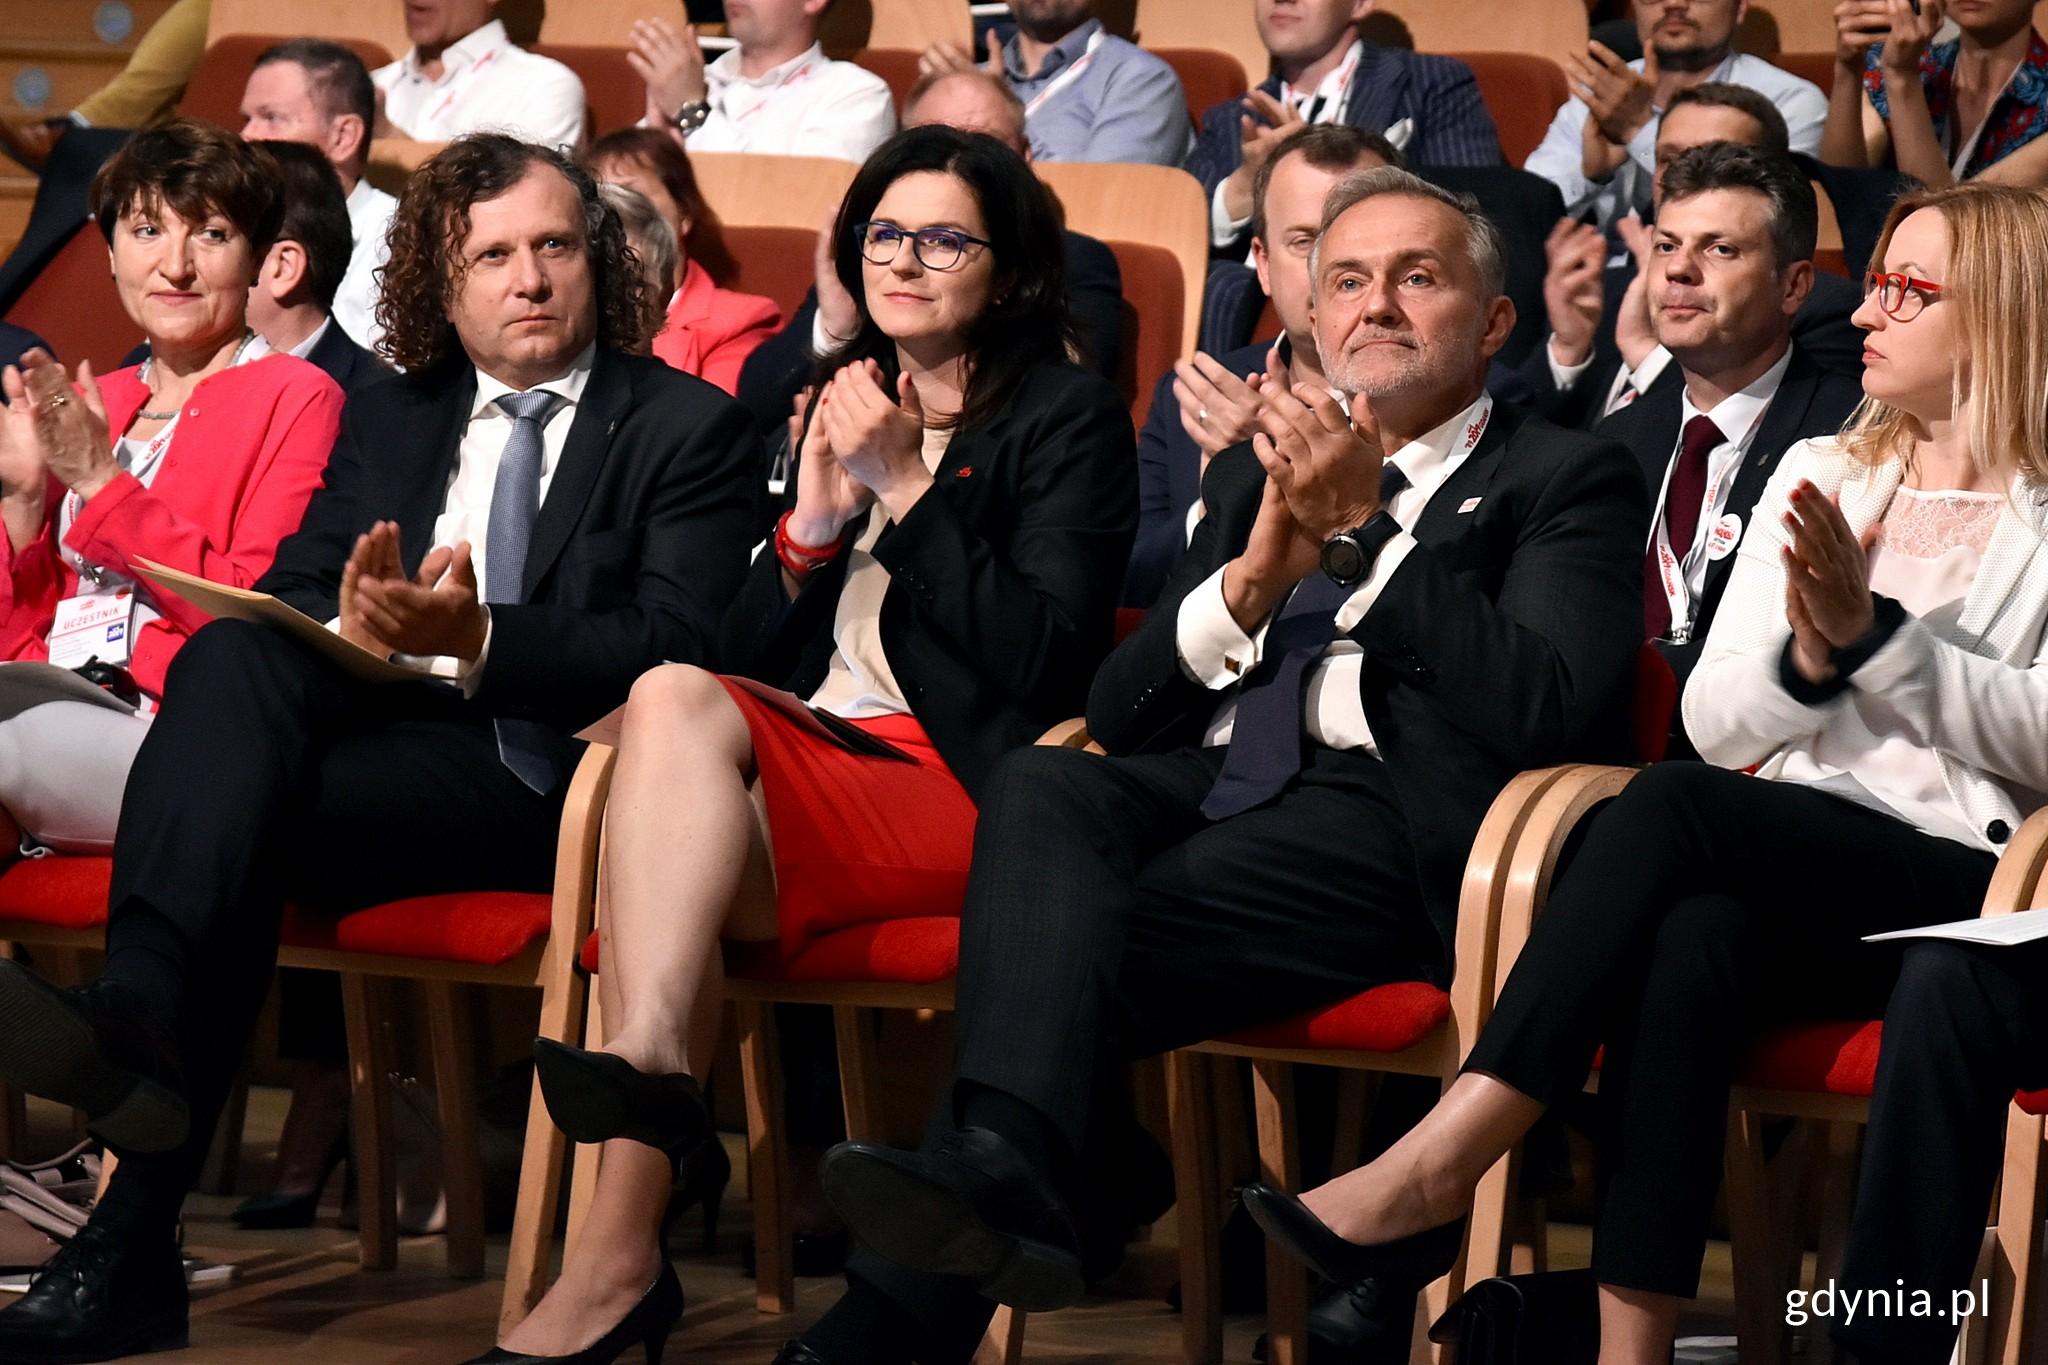 W Filharmonii Bałtyckiej na Ołowiance samorządowcy z całej Polski wzięli udział w sesji Samorządna Rzeczpospolita, fot. Jan Ziarnicki.